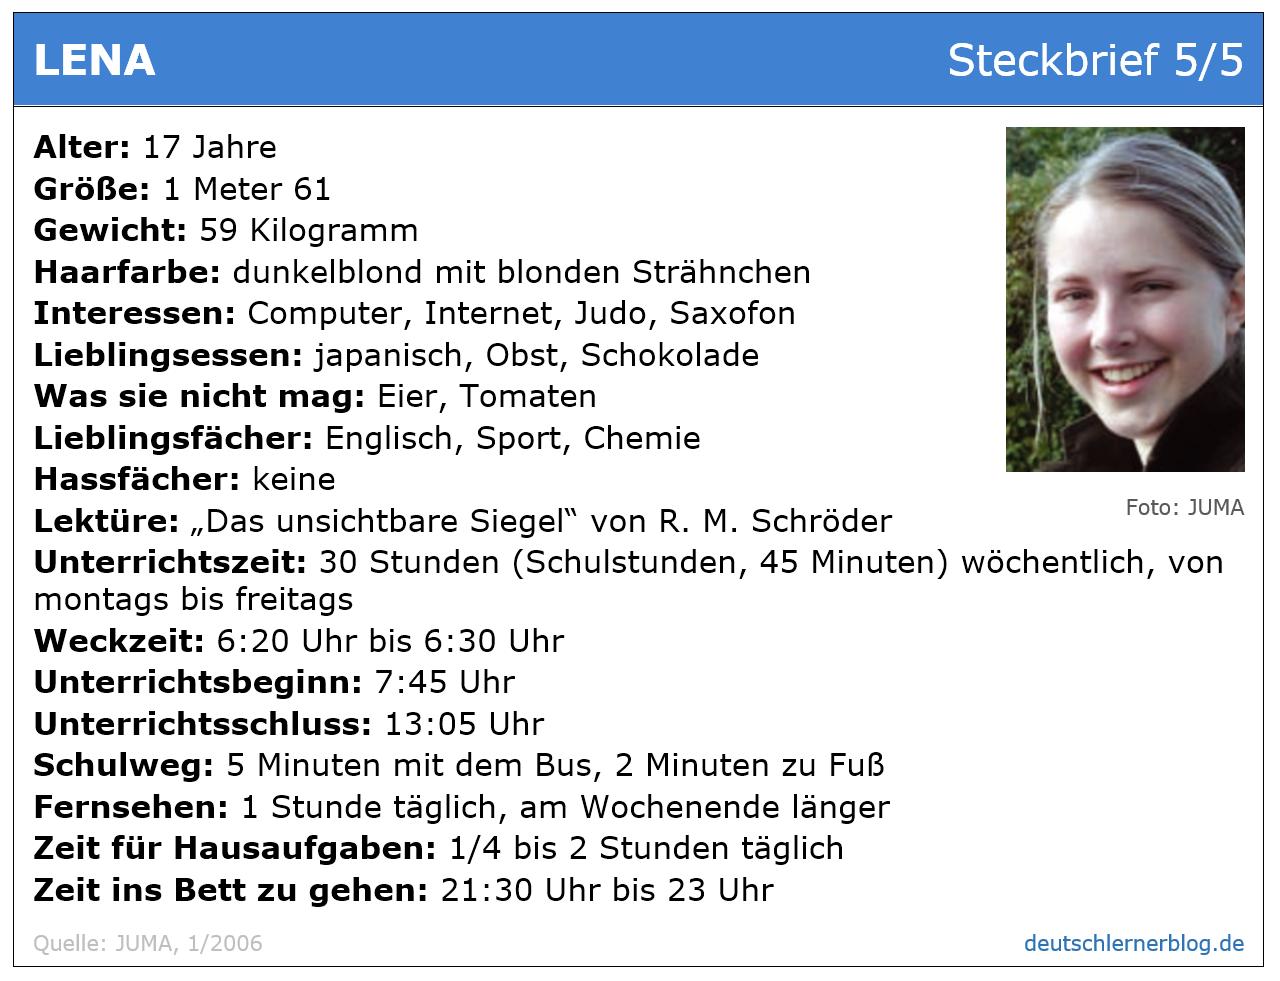 Lena_17_Steckbrief_deutschlernerblog